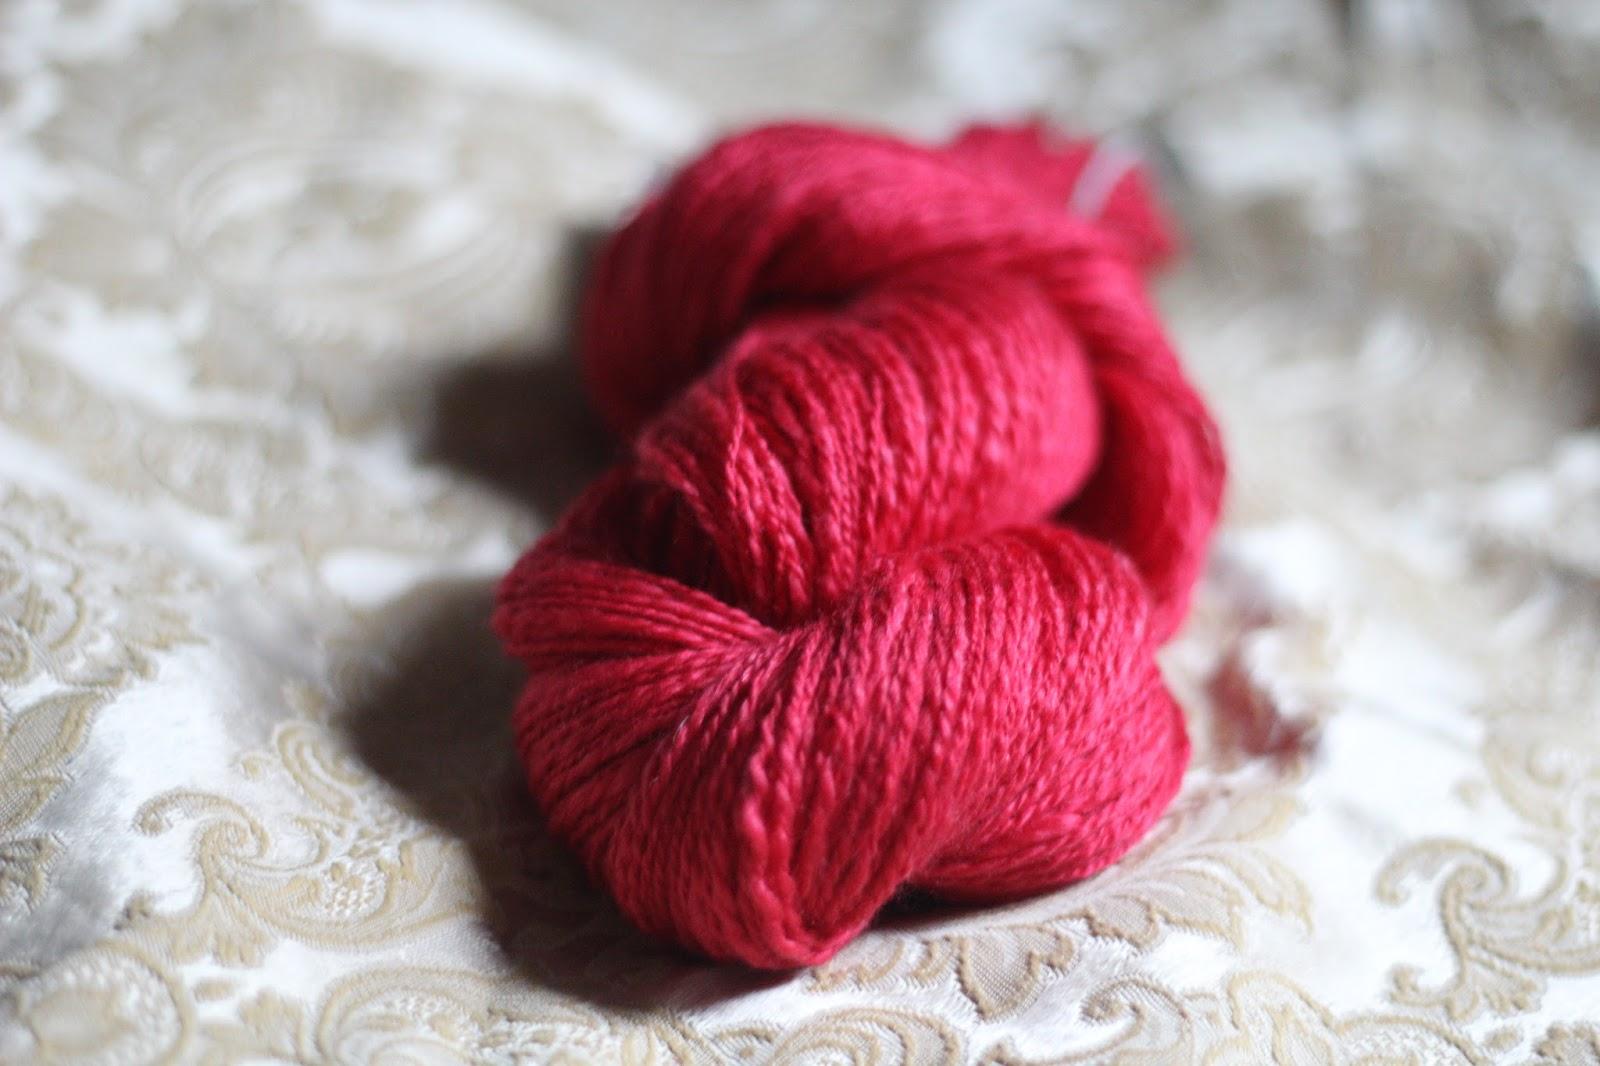 c2ceede8debb Det första är också fantastiskt mjukt och lent, jag köpte en blandning av  ull från World of Wool och minns inte längre exakt vad det var.